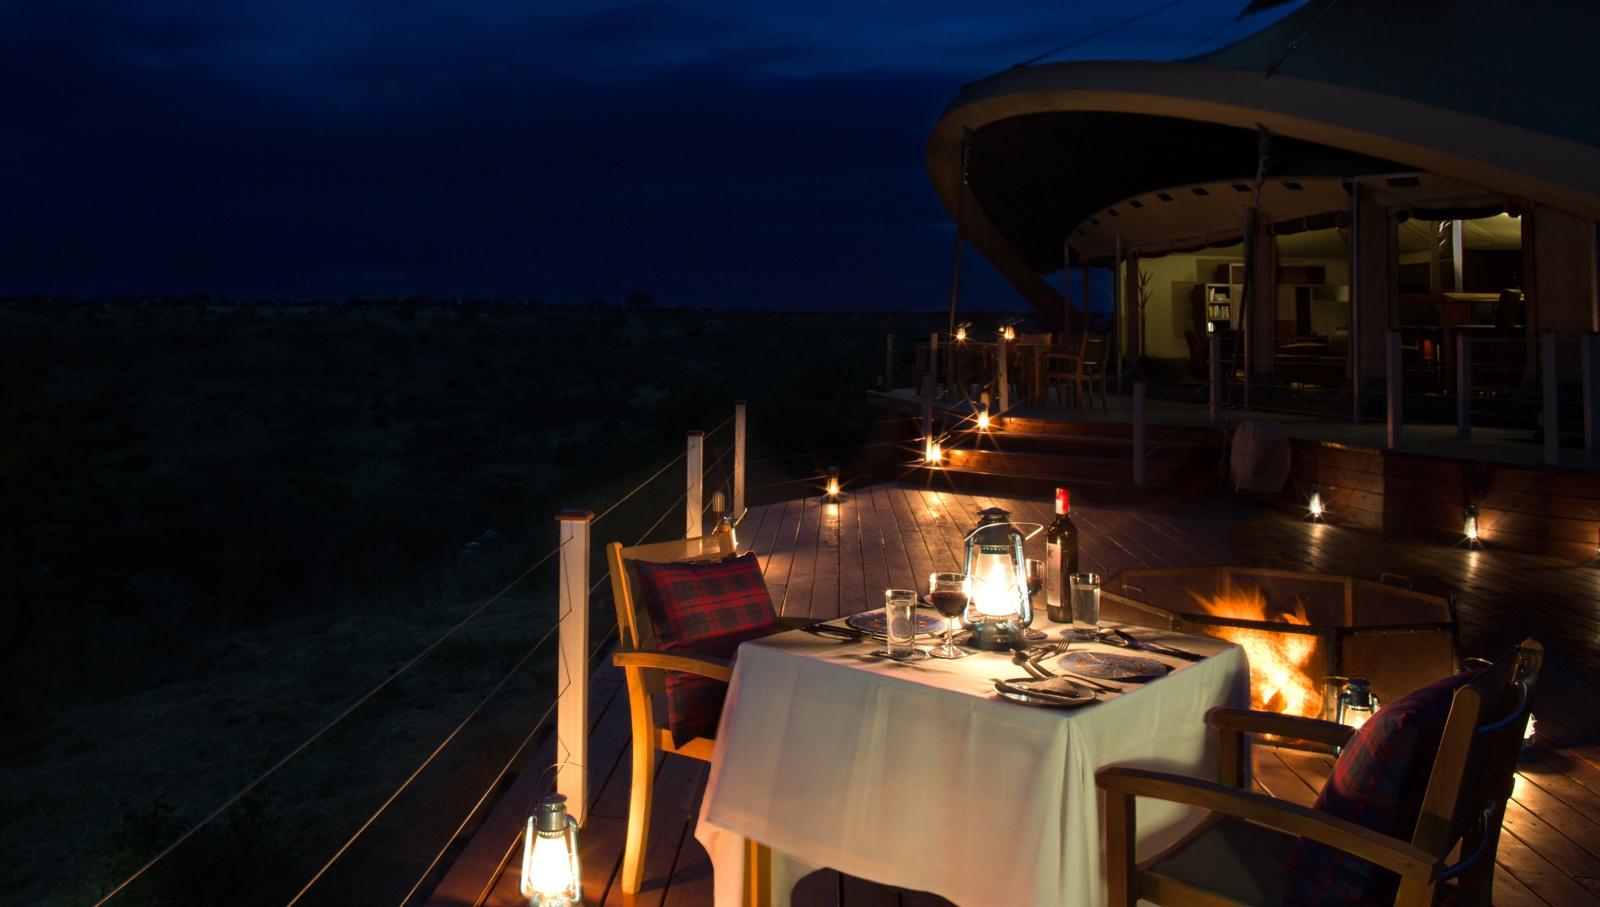 Столик на веранде, сервированный для вечерней трапезы